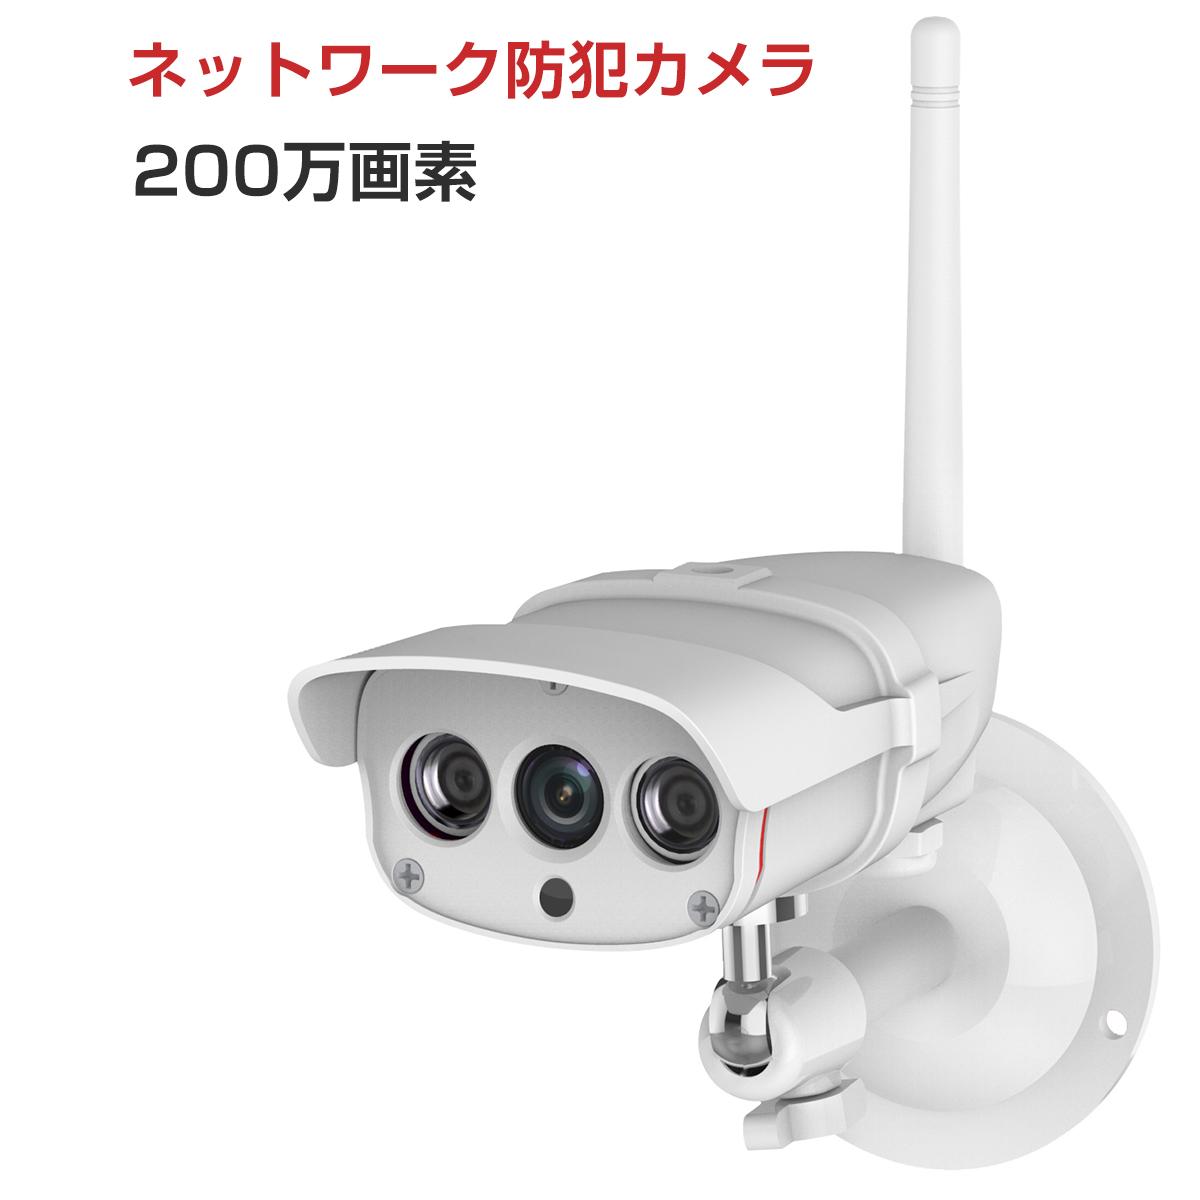 防犯カメラ 200万画素 C7816 ペットモニター VStarcam ワイヤレス 無線WIFI MicroSDカード録画 LANケーブルなくても電源繋ぐだけ 屋外用 監視 ネットワーク IP WEB カメラ 動体検知 宅配便送料無料 PSE 技適 1年保証 K&M